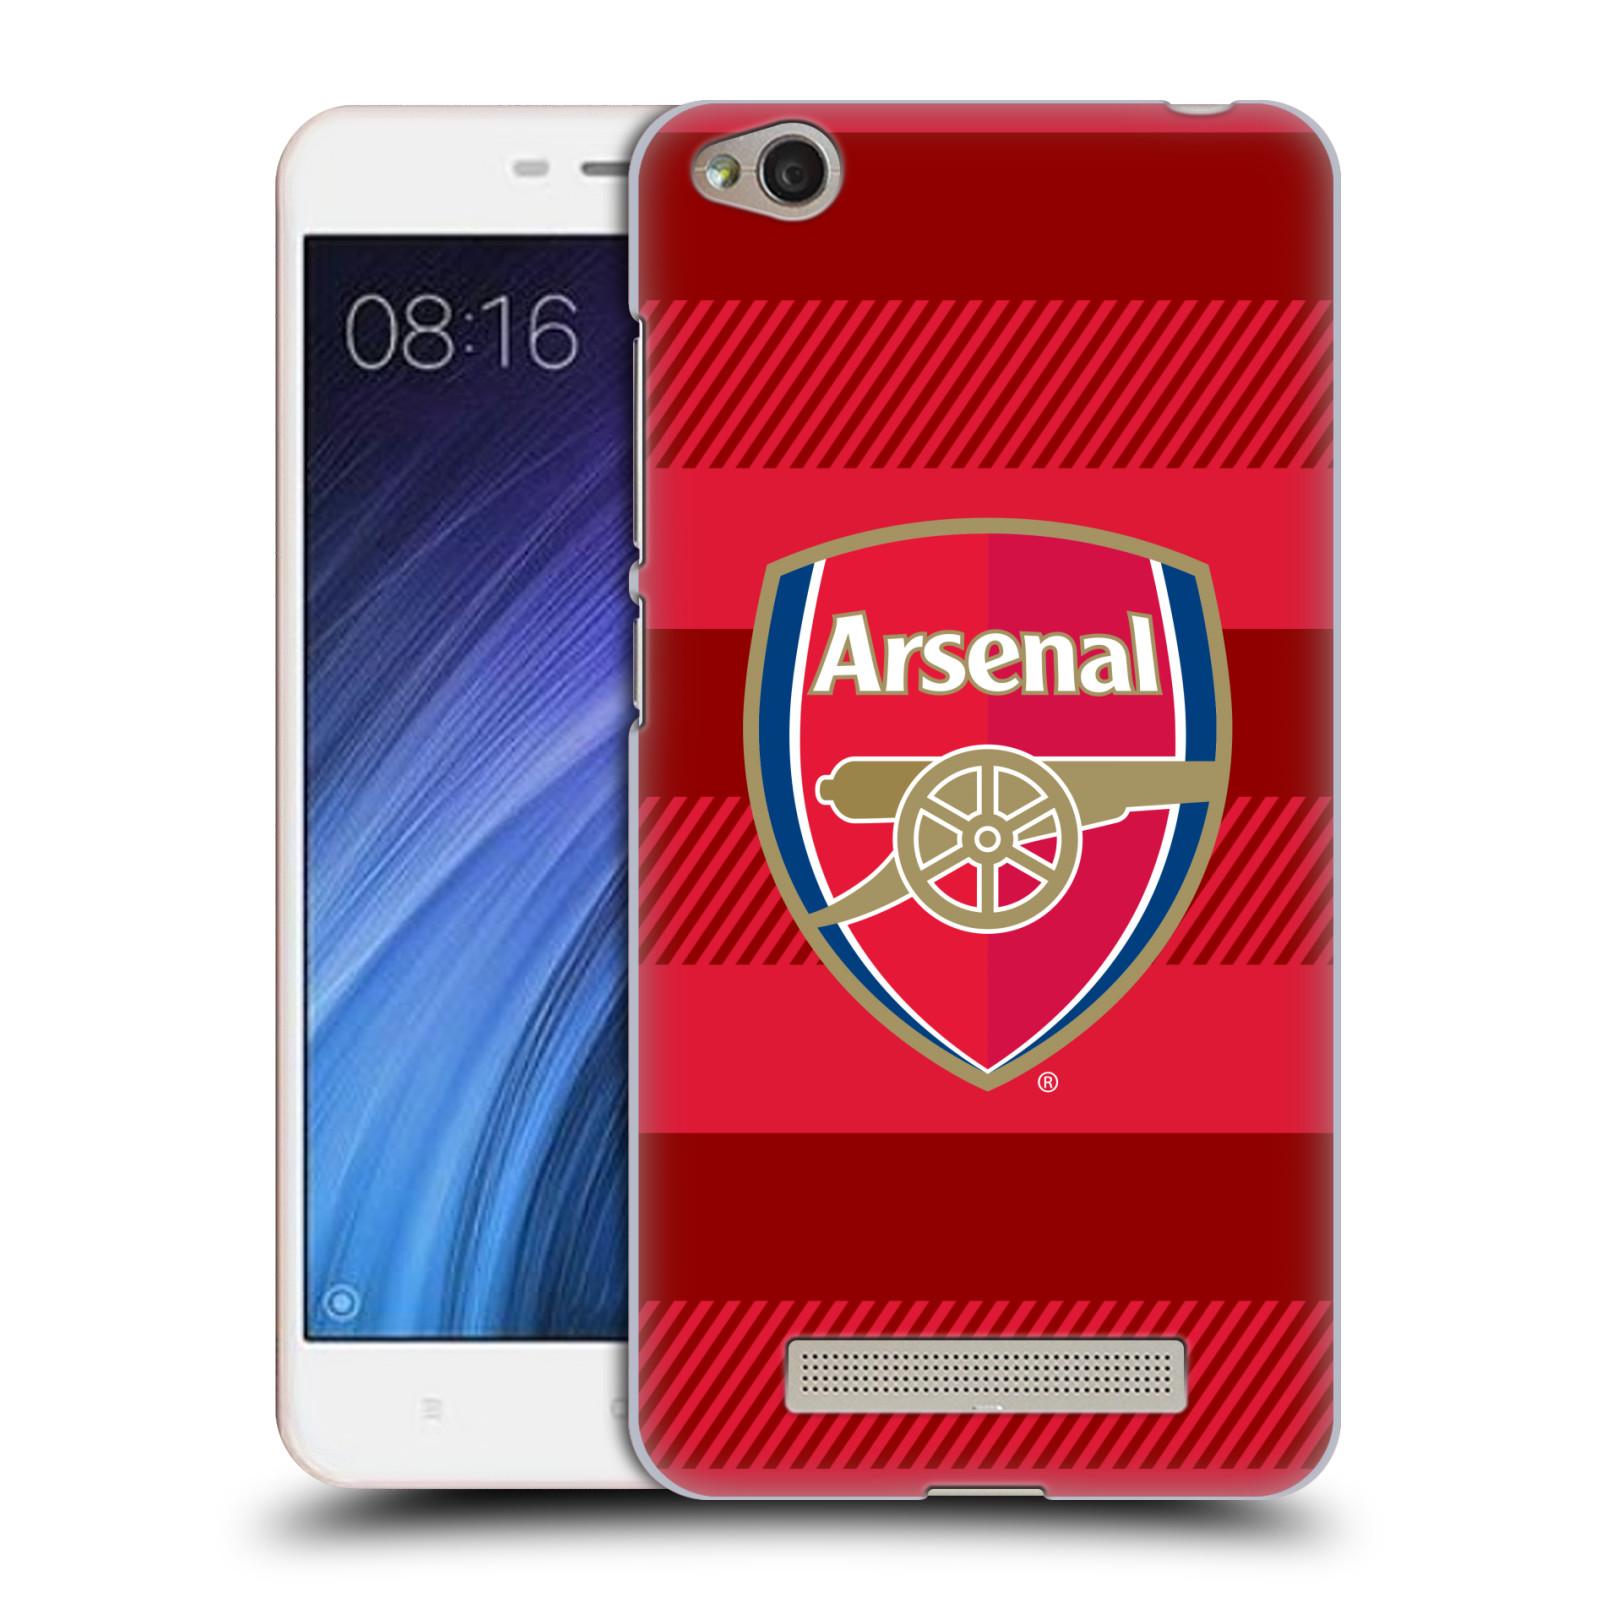 Plastové pouzdro na mobil Xiaomi Redmi 4A - Head Case - Arsenal FC - Logo s pruhy